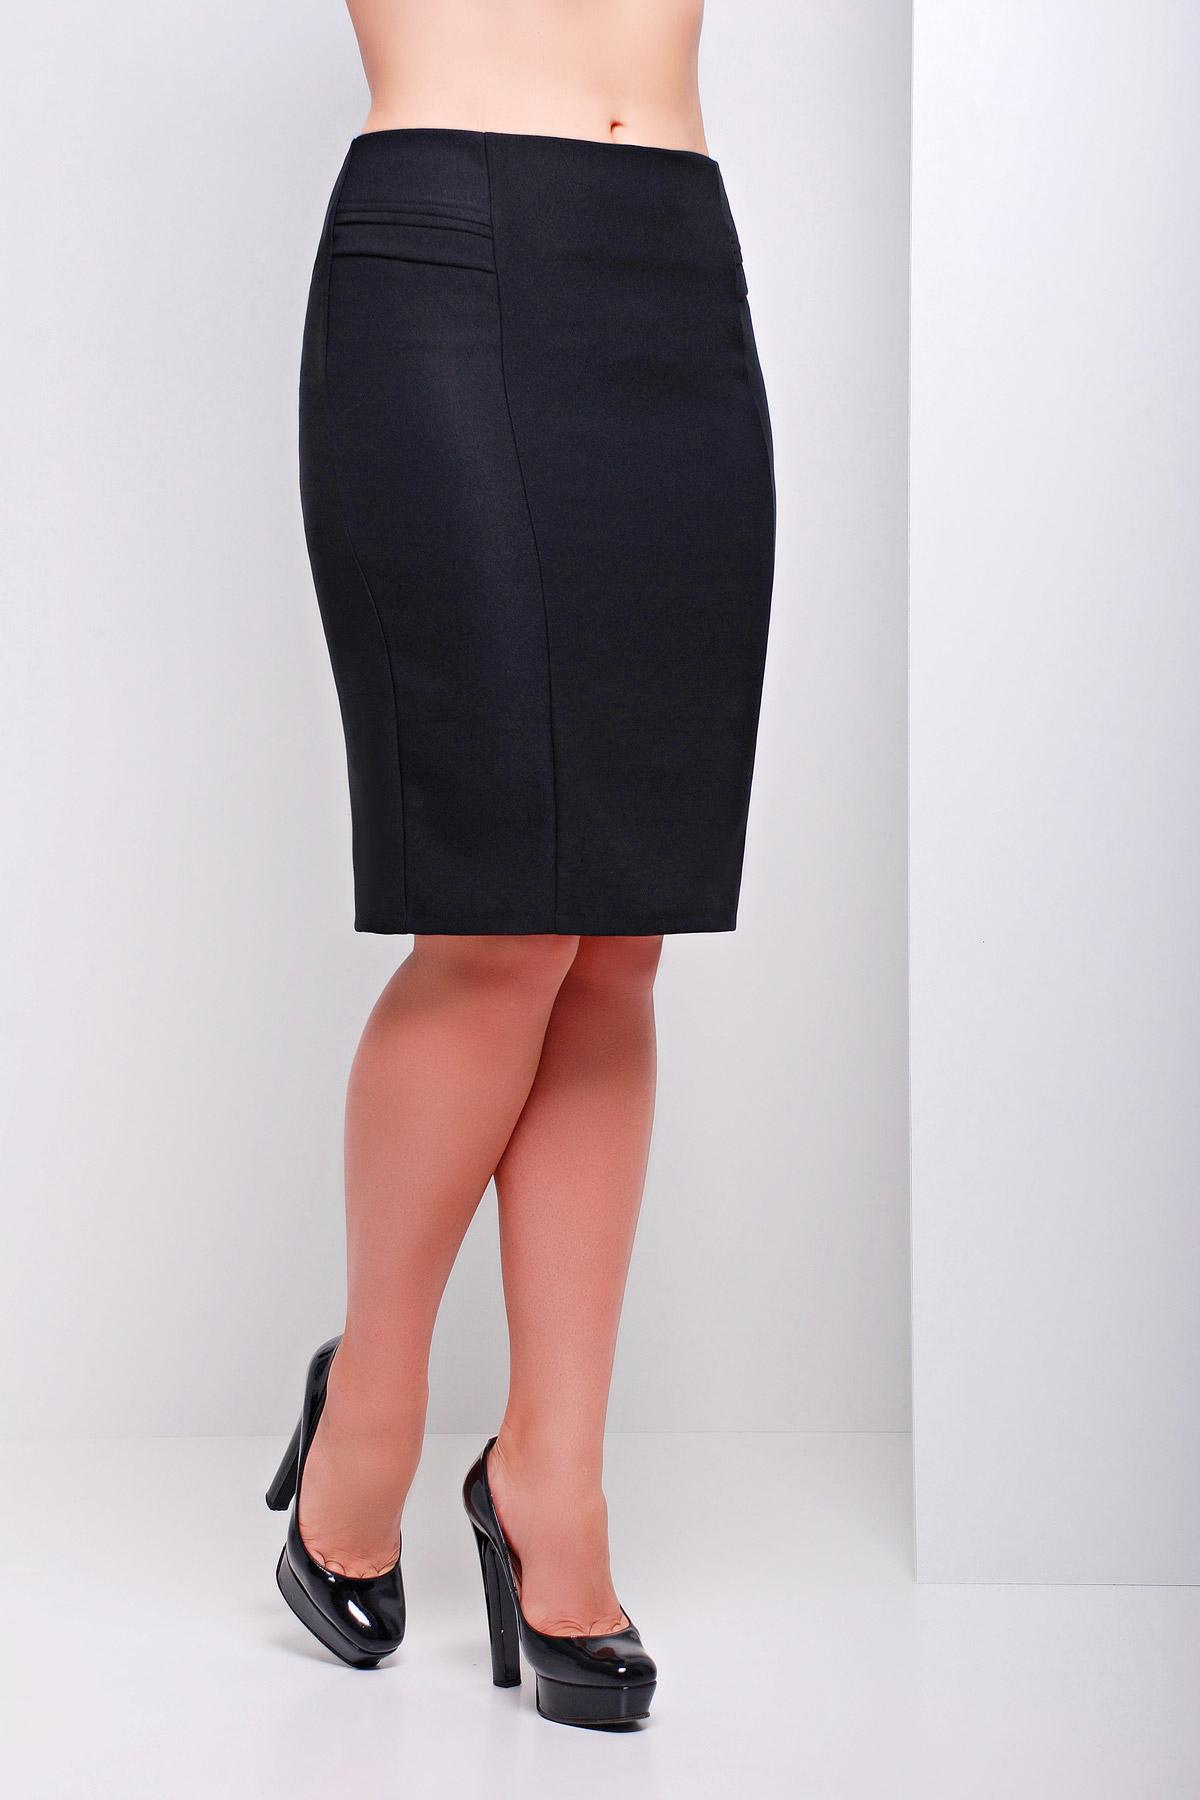 Где купить черную юбку